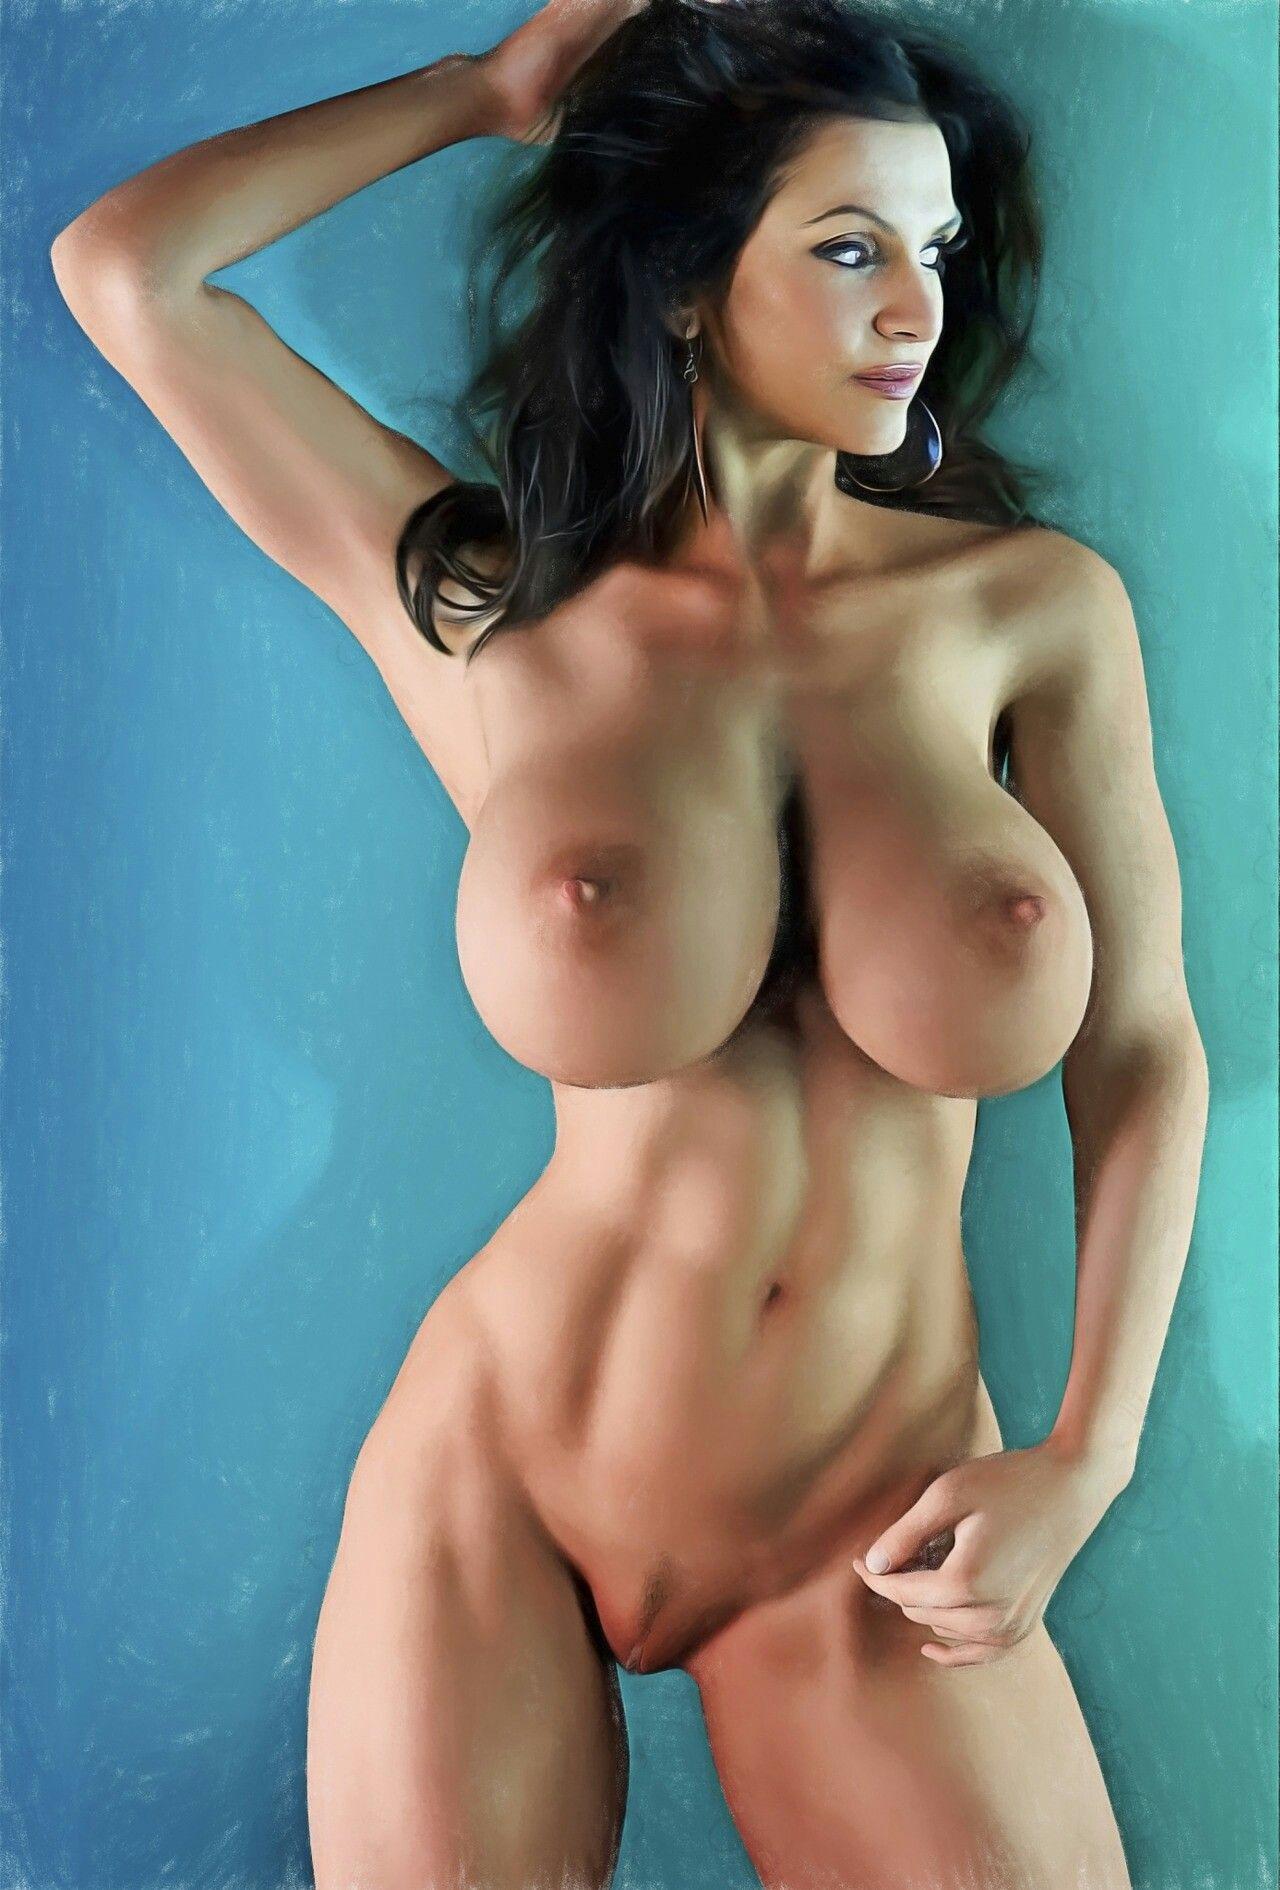 biggest pornstar boobs